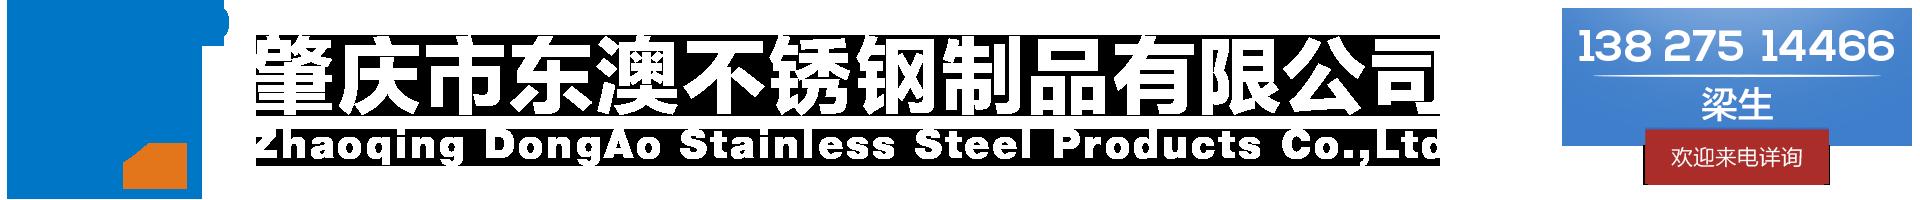 肇庆市东澳不锈钢制品有限公司